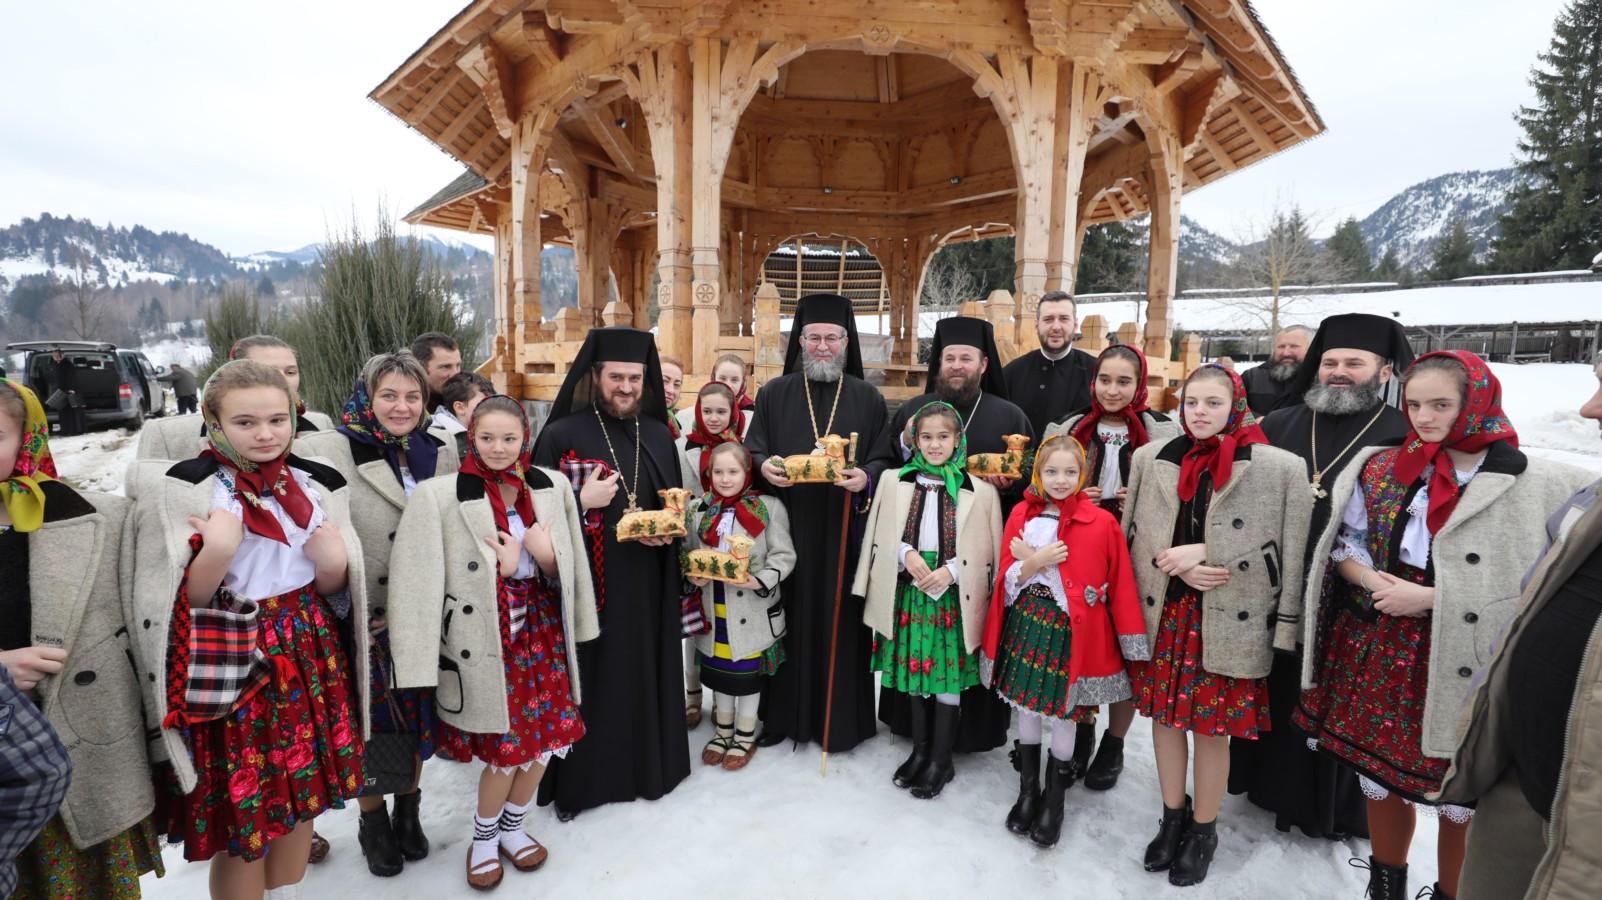 Cea mai veche mănăstire din Eparhia Maramreșului și Sătmarului și-a sărbătorit hramul